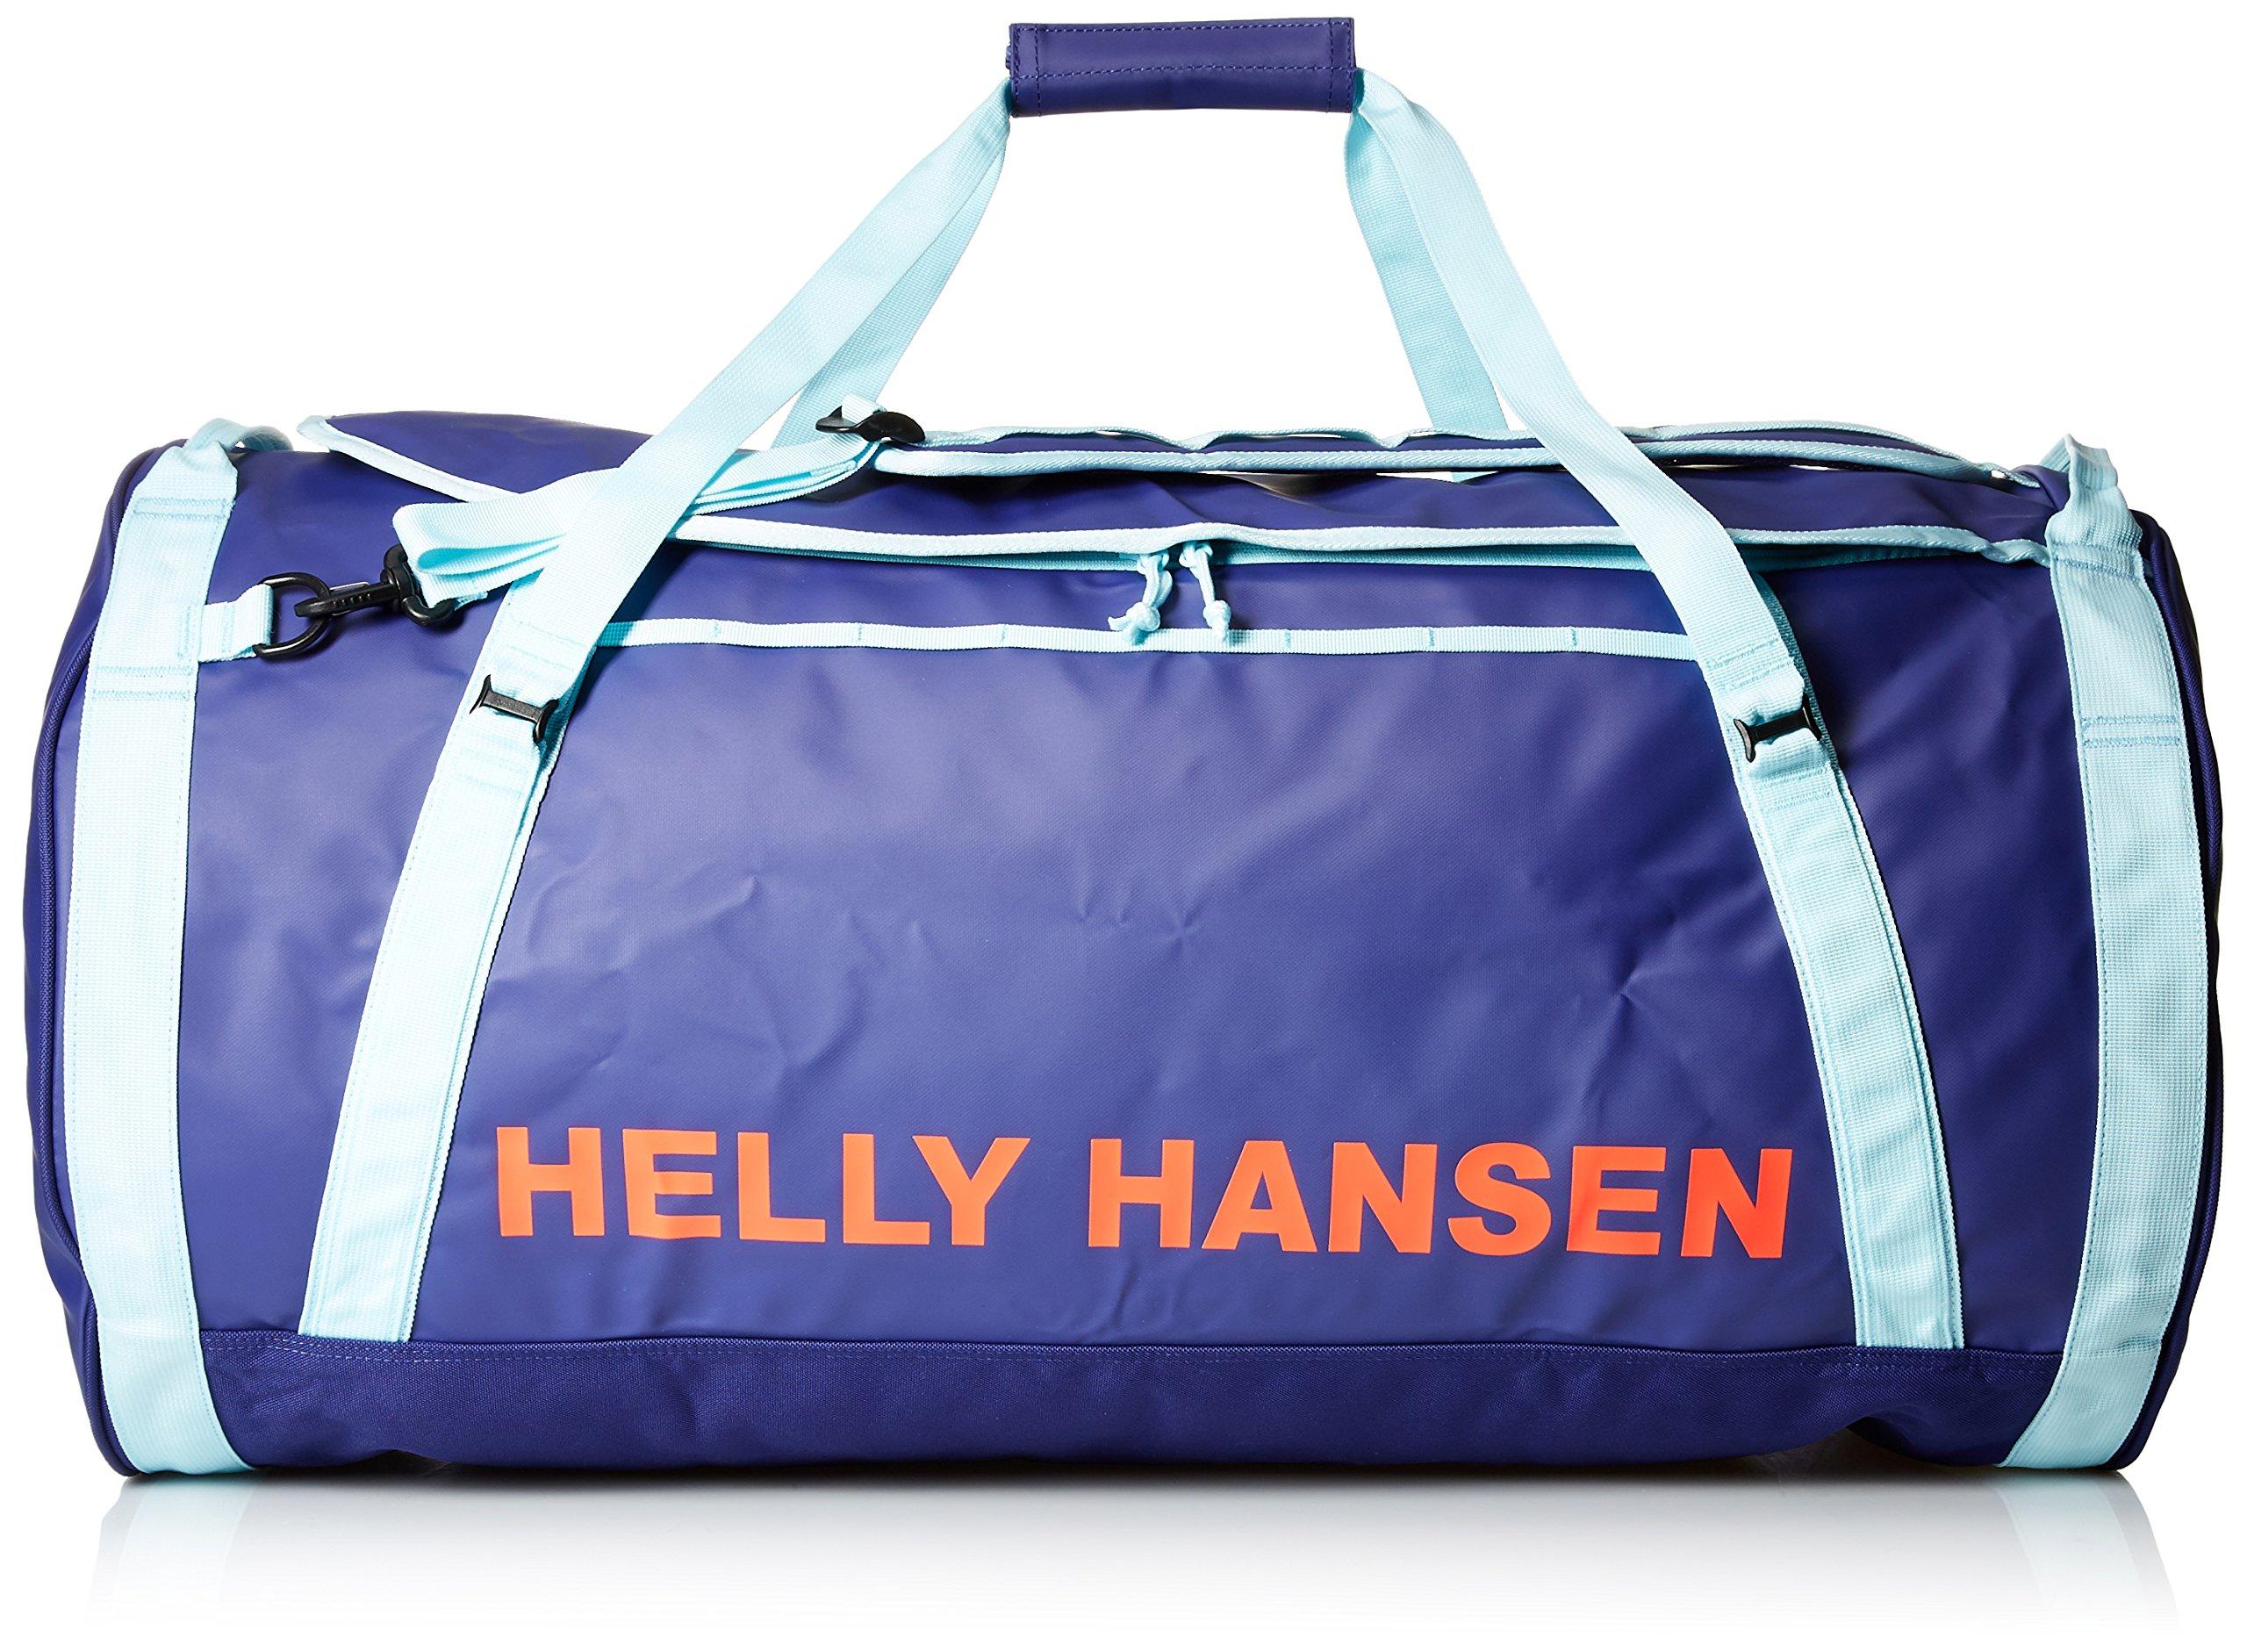 Helly Hansen 90-Liter Duffel Bag 2